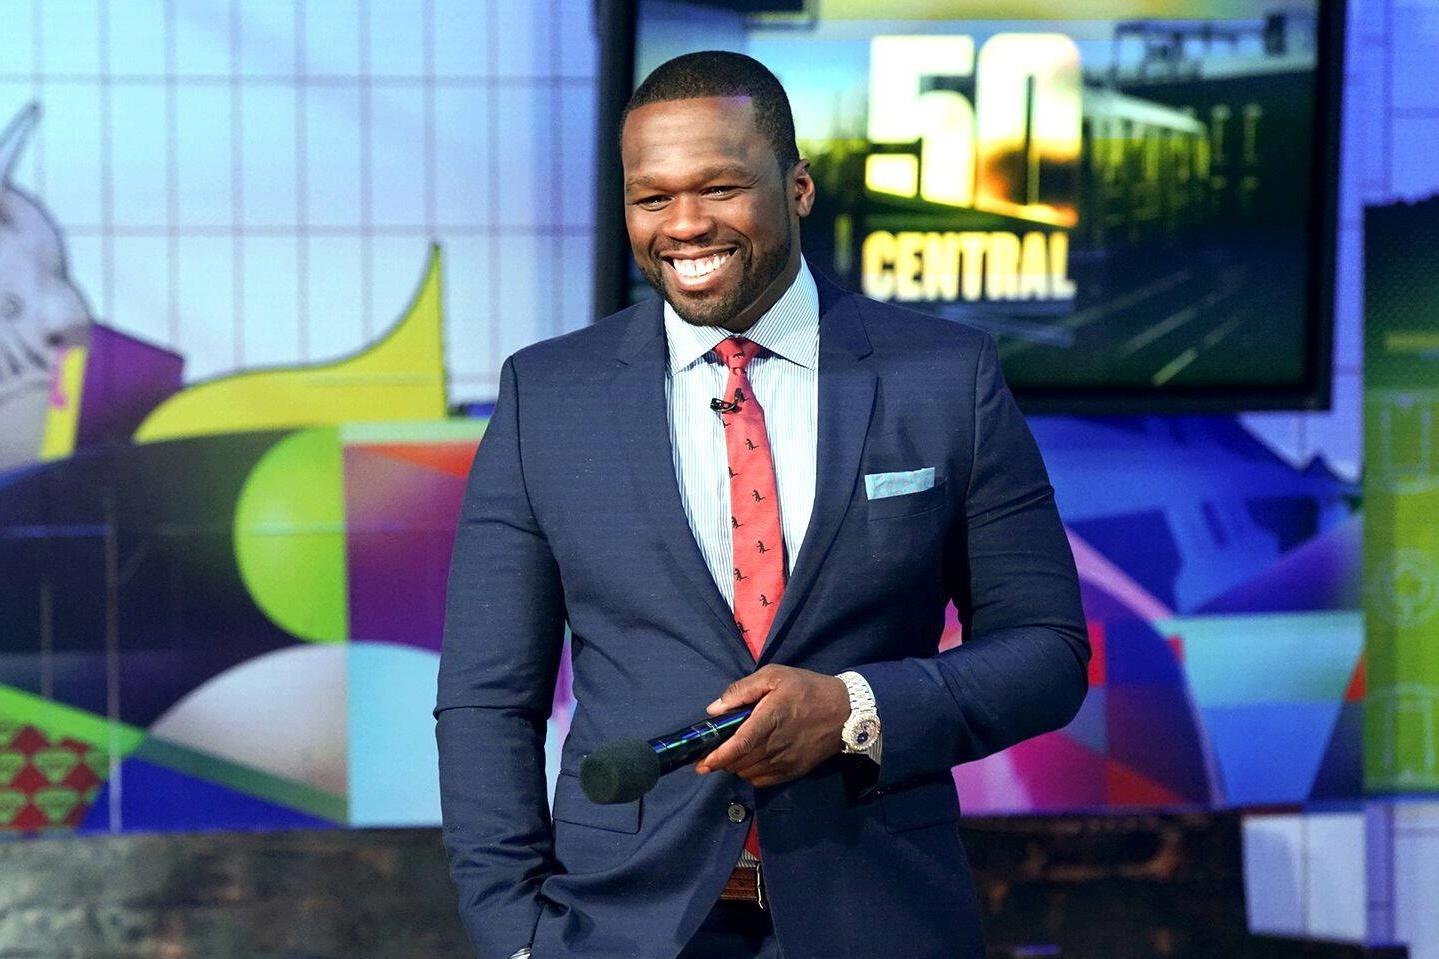 Rapper 50 Cent descobre fortuna de US$ 7 milhões em bitcoins esquecidas